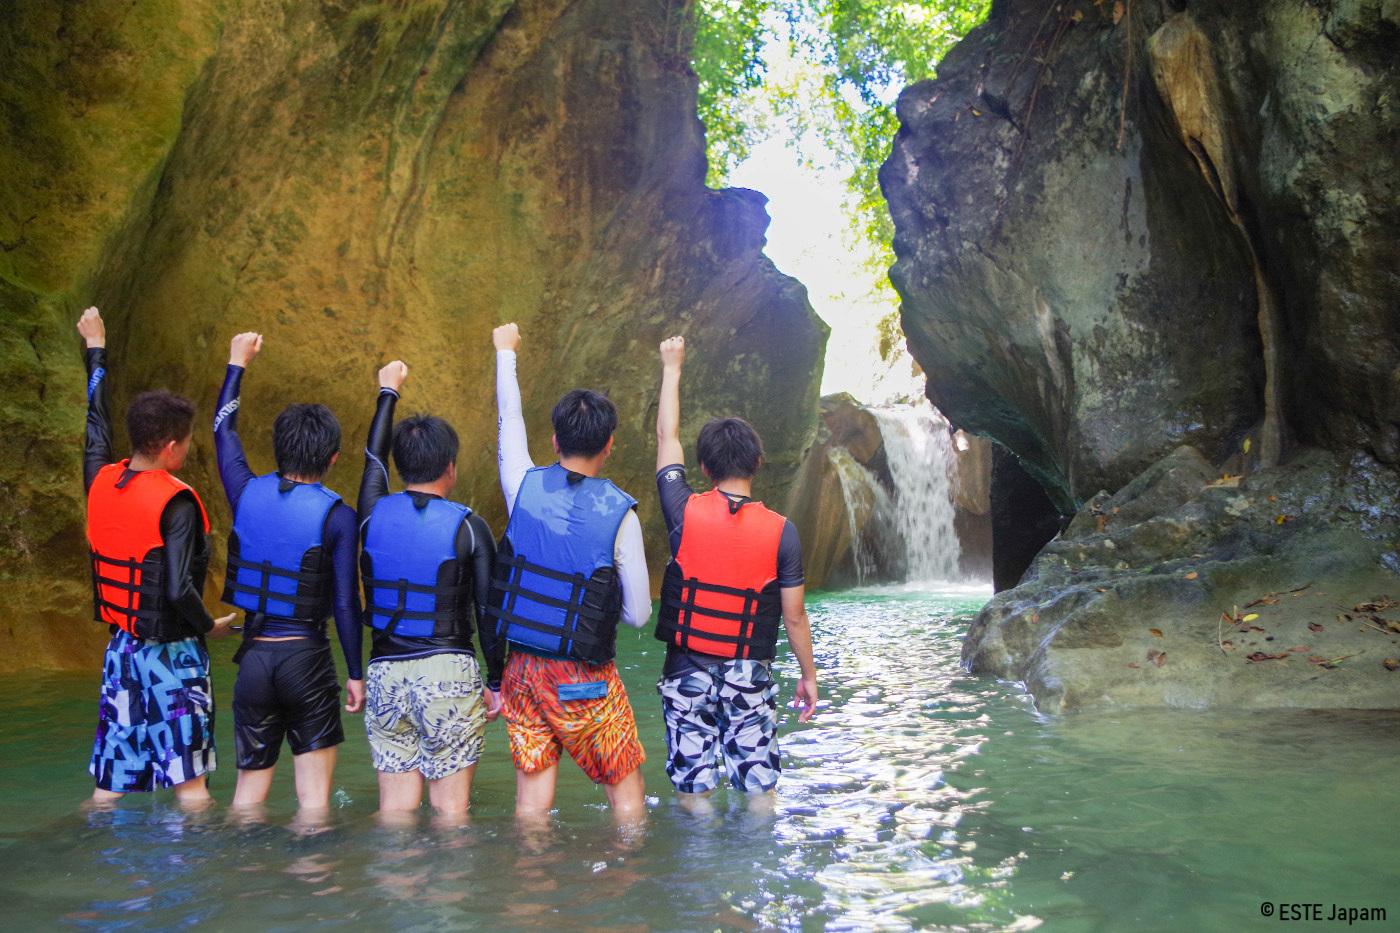 滝に向かって拳を突き上げる男性5名